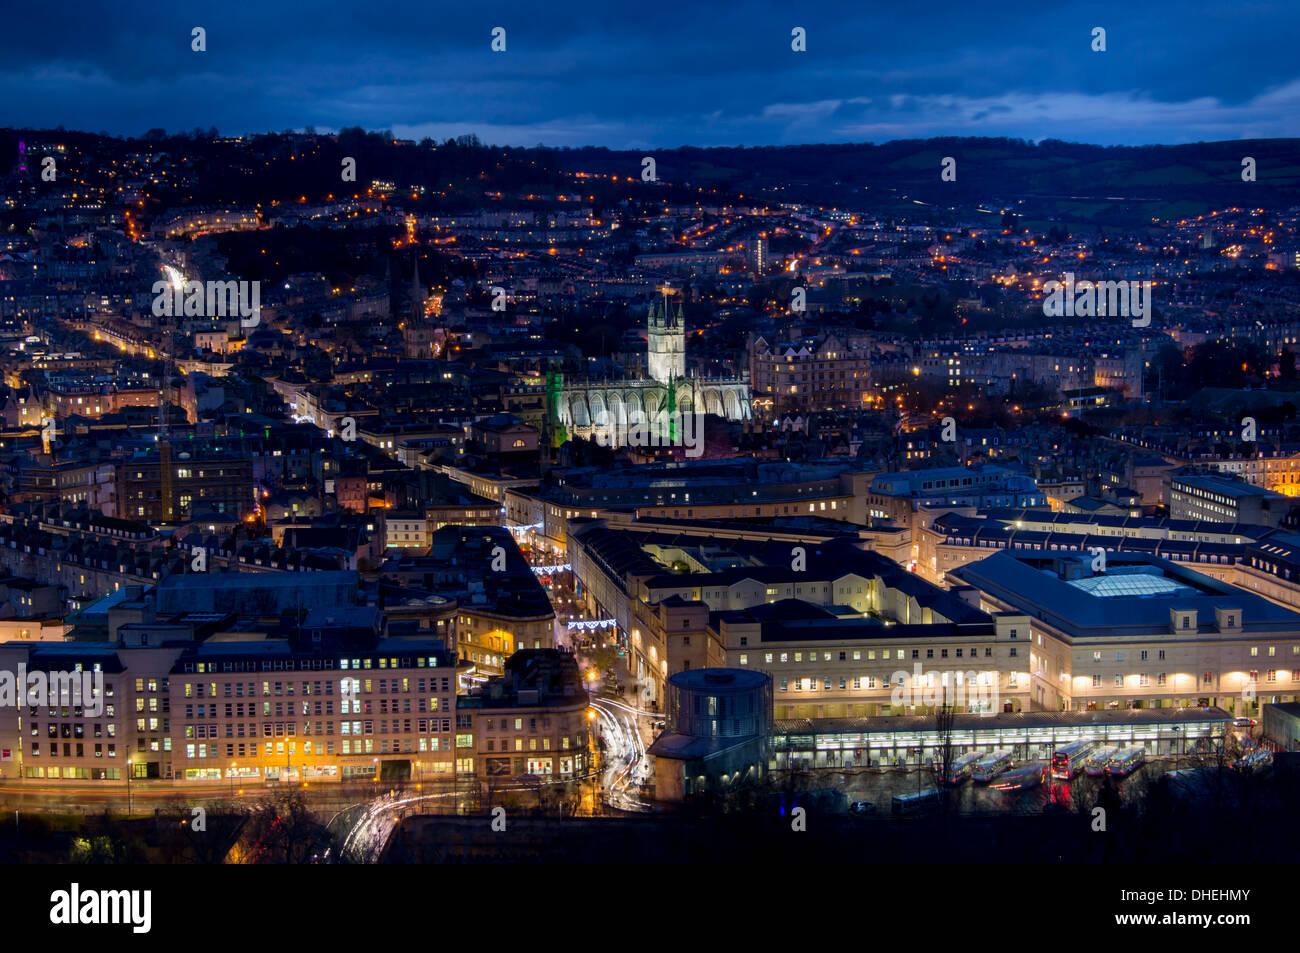 Vue aérienne d'une baignoire centrale montre l'abbaye et le développement Southgate au crépuscule, baignoire, Avon, Angleterre, Royaume-Uni, Europe Photo Stock